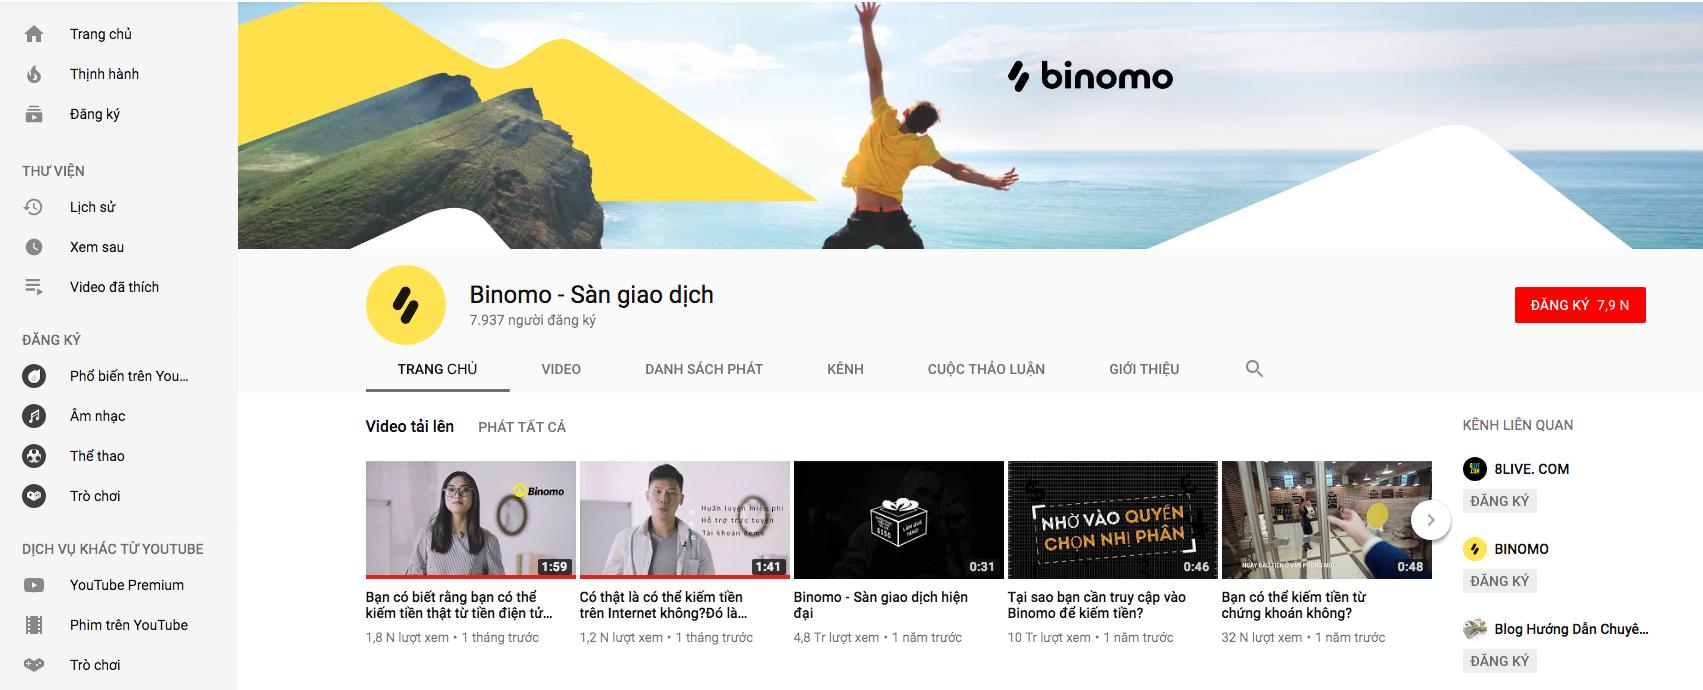 đăng kí theo dõi kênh Youtube của Binomo